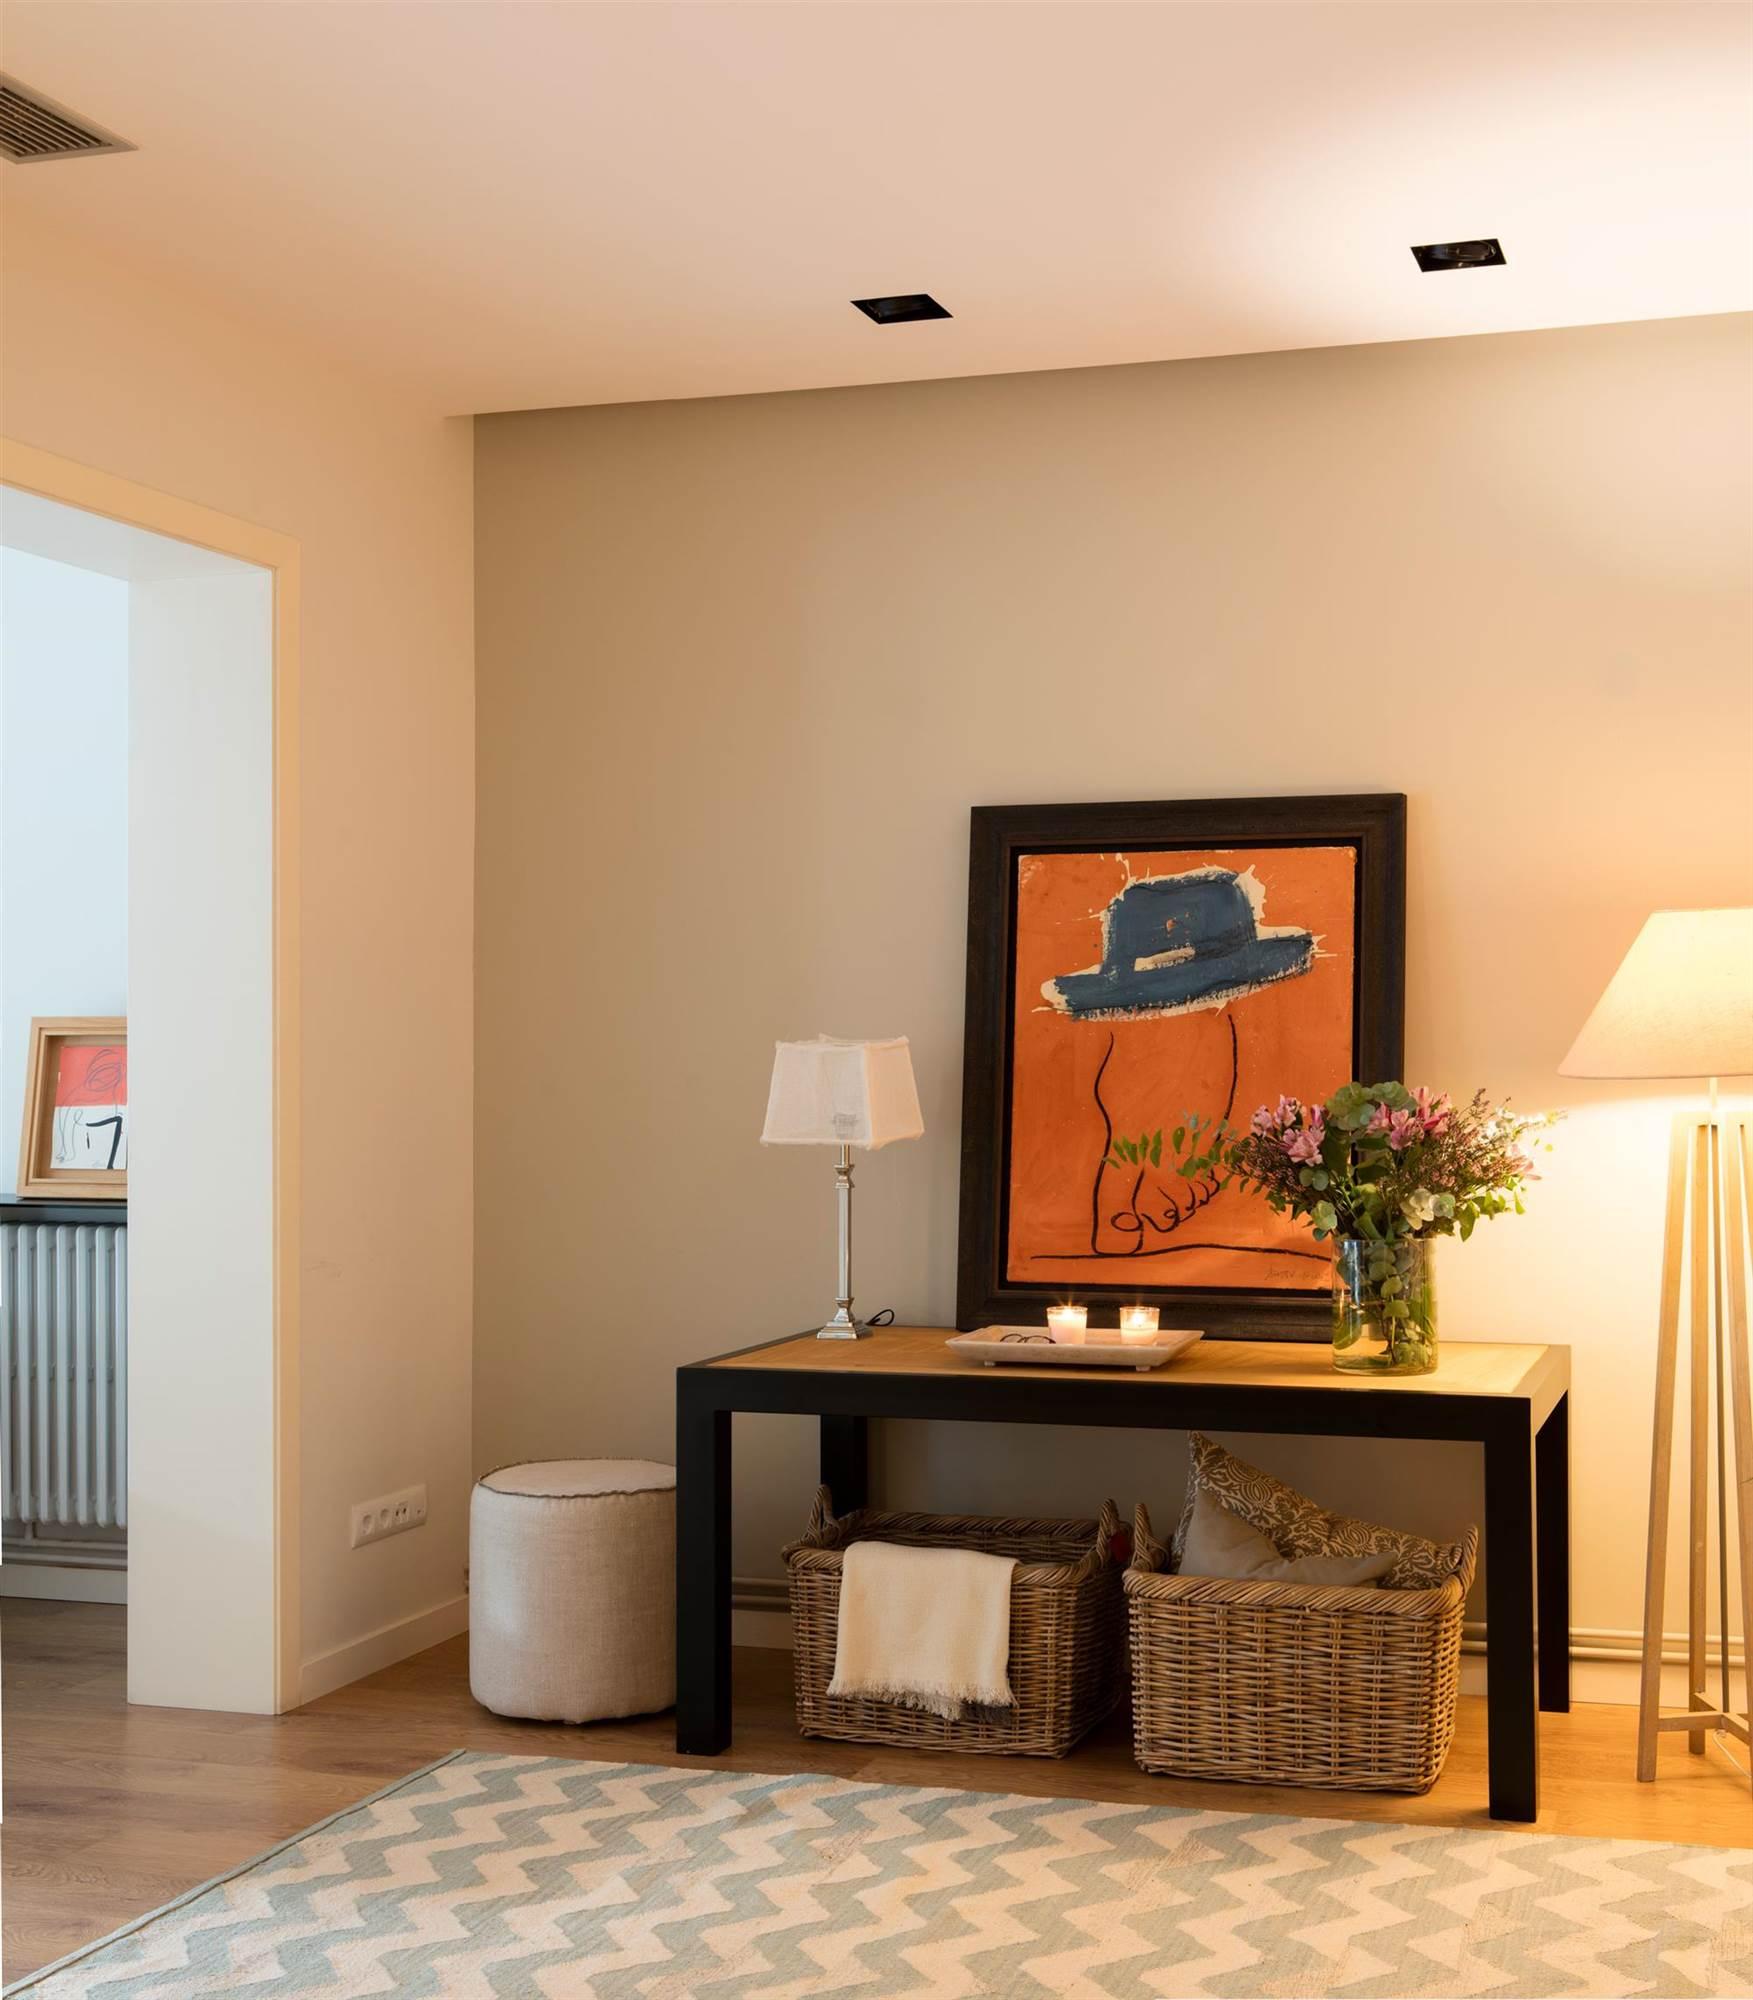 C mo elegir el color para pintar las paredes de casa - Ideas para pintar la casa ...